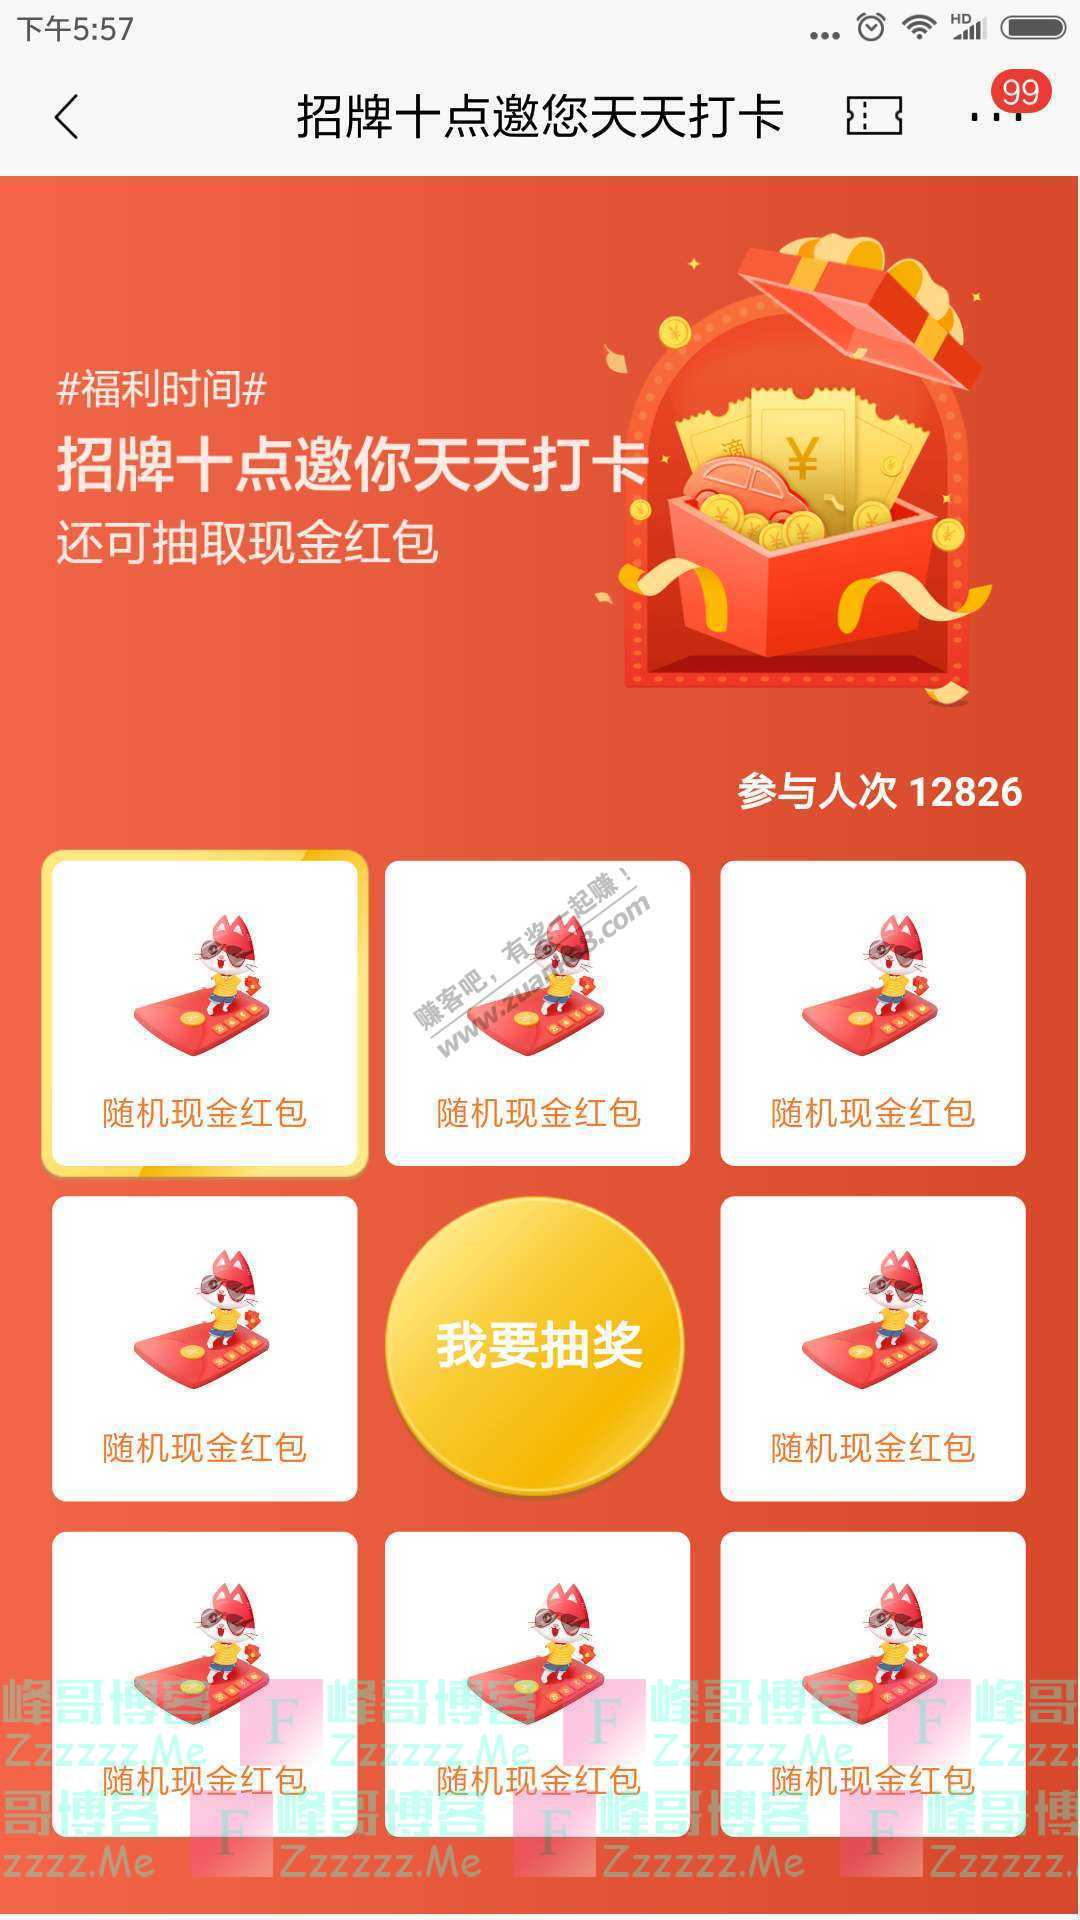 招商银行app招牌十点邀您天天打卡(截止11月14日)